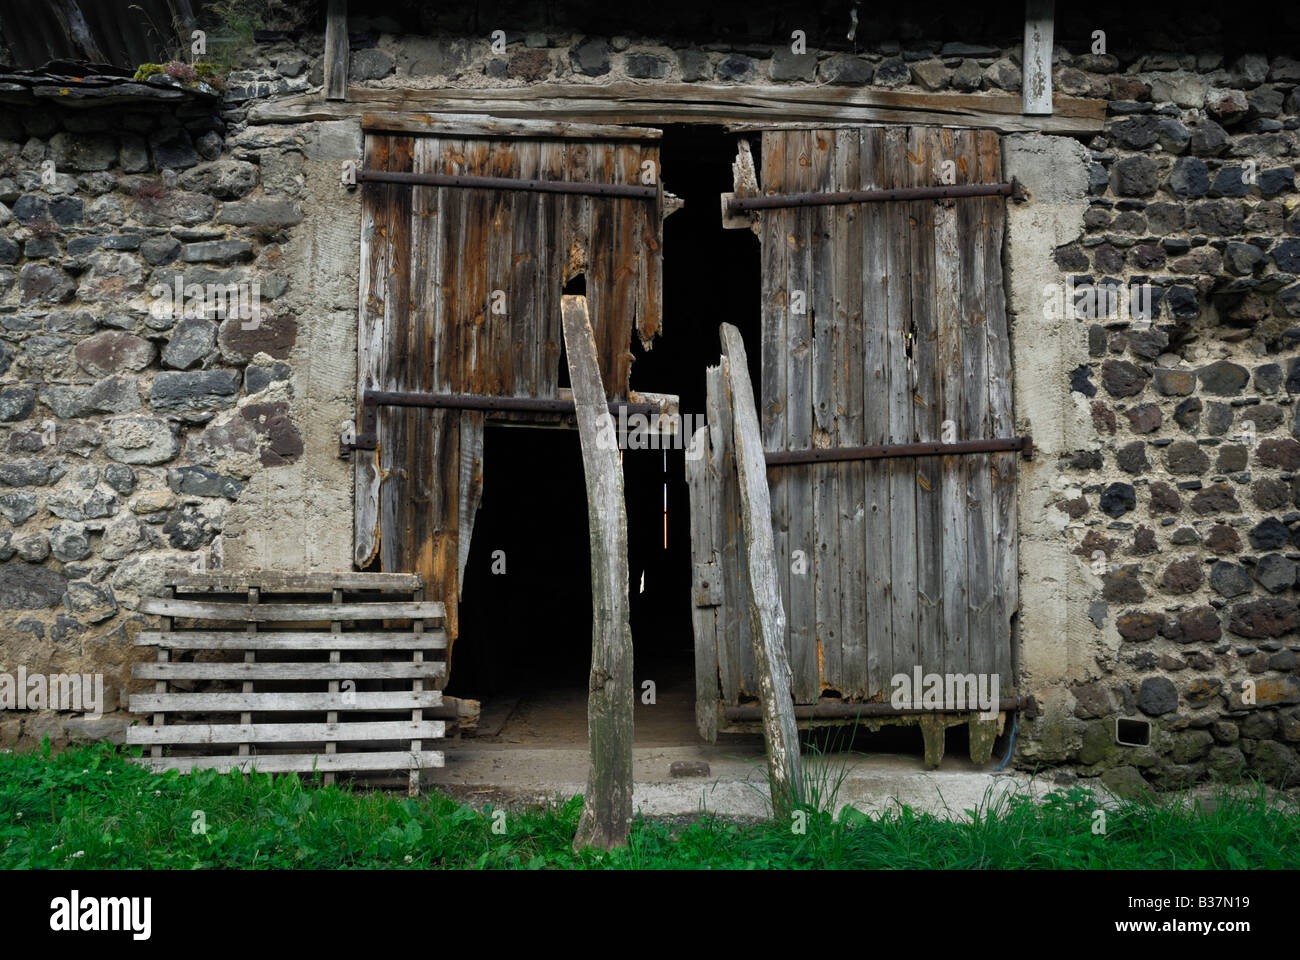 Broken Doors To A Derelict Barn In France   Stock Image